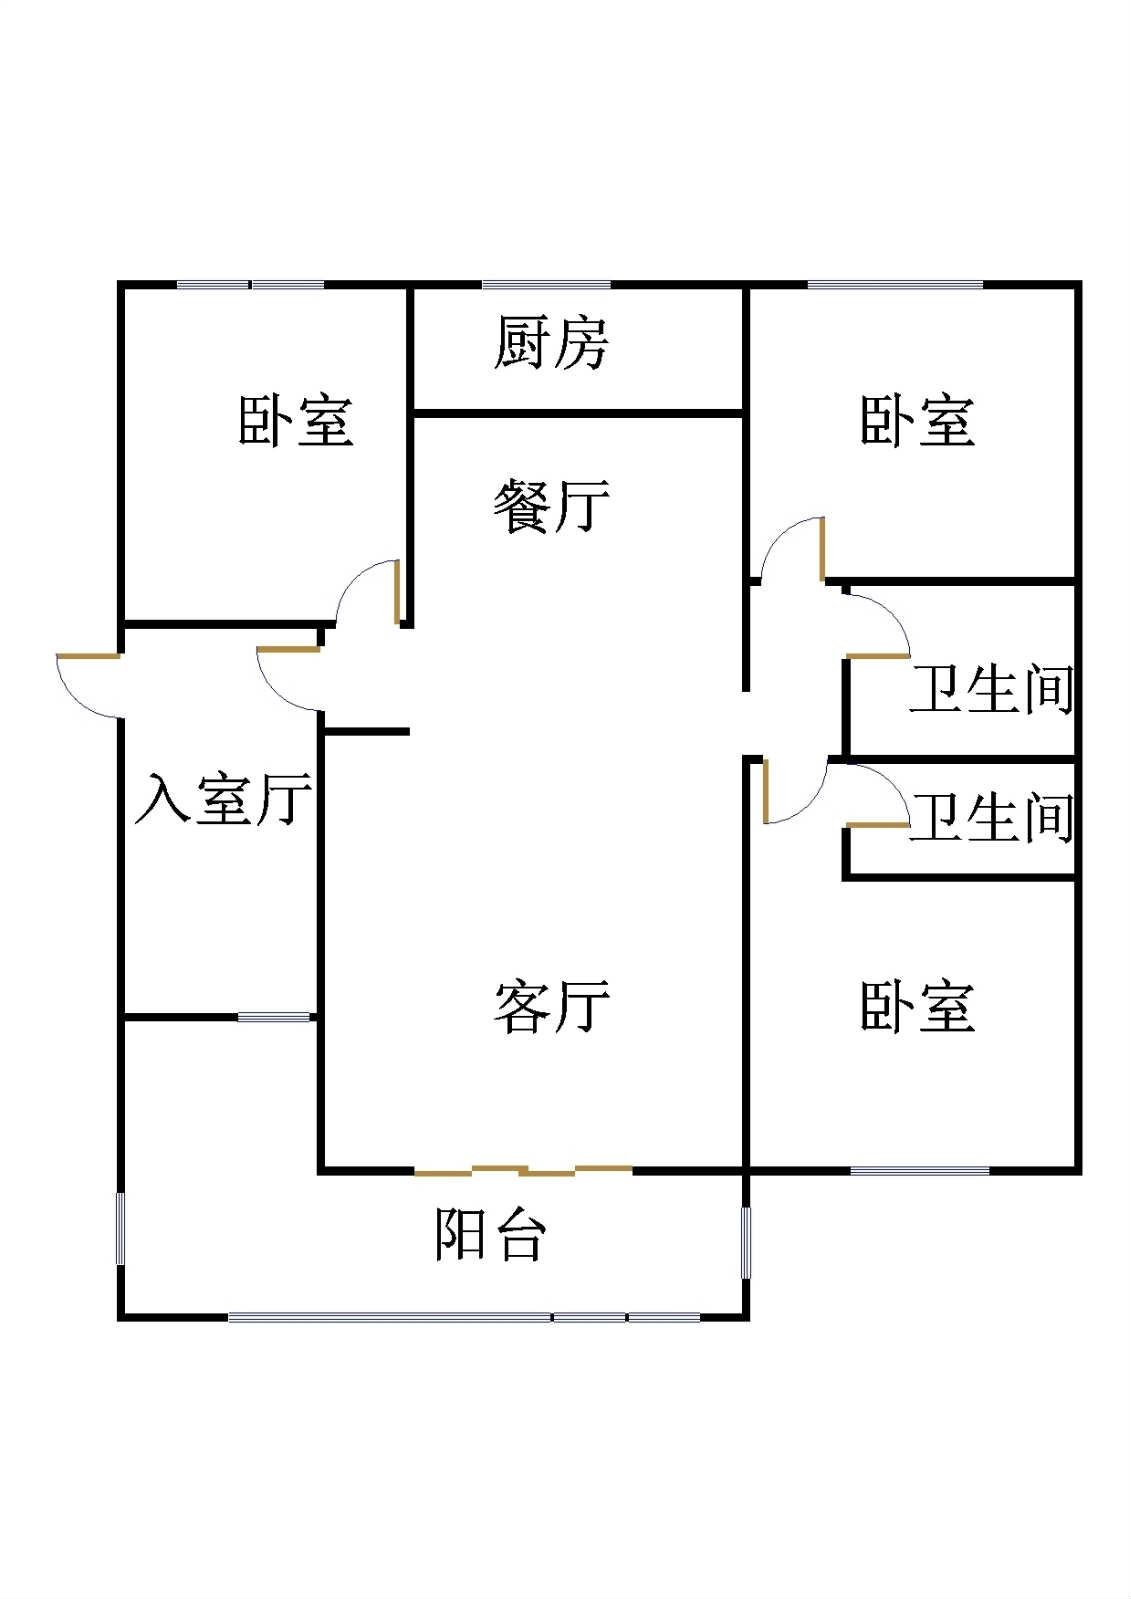 玫瑰公馆 3室2厅 7楼